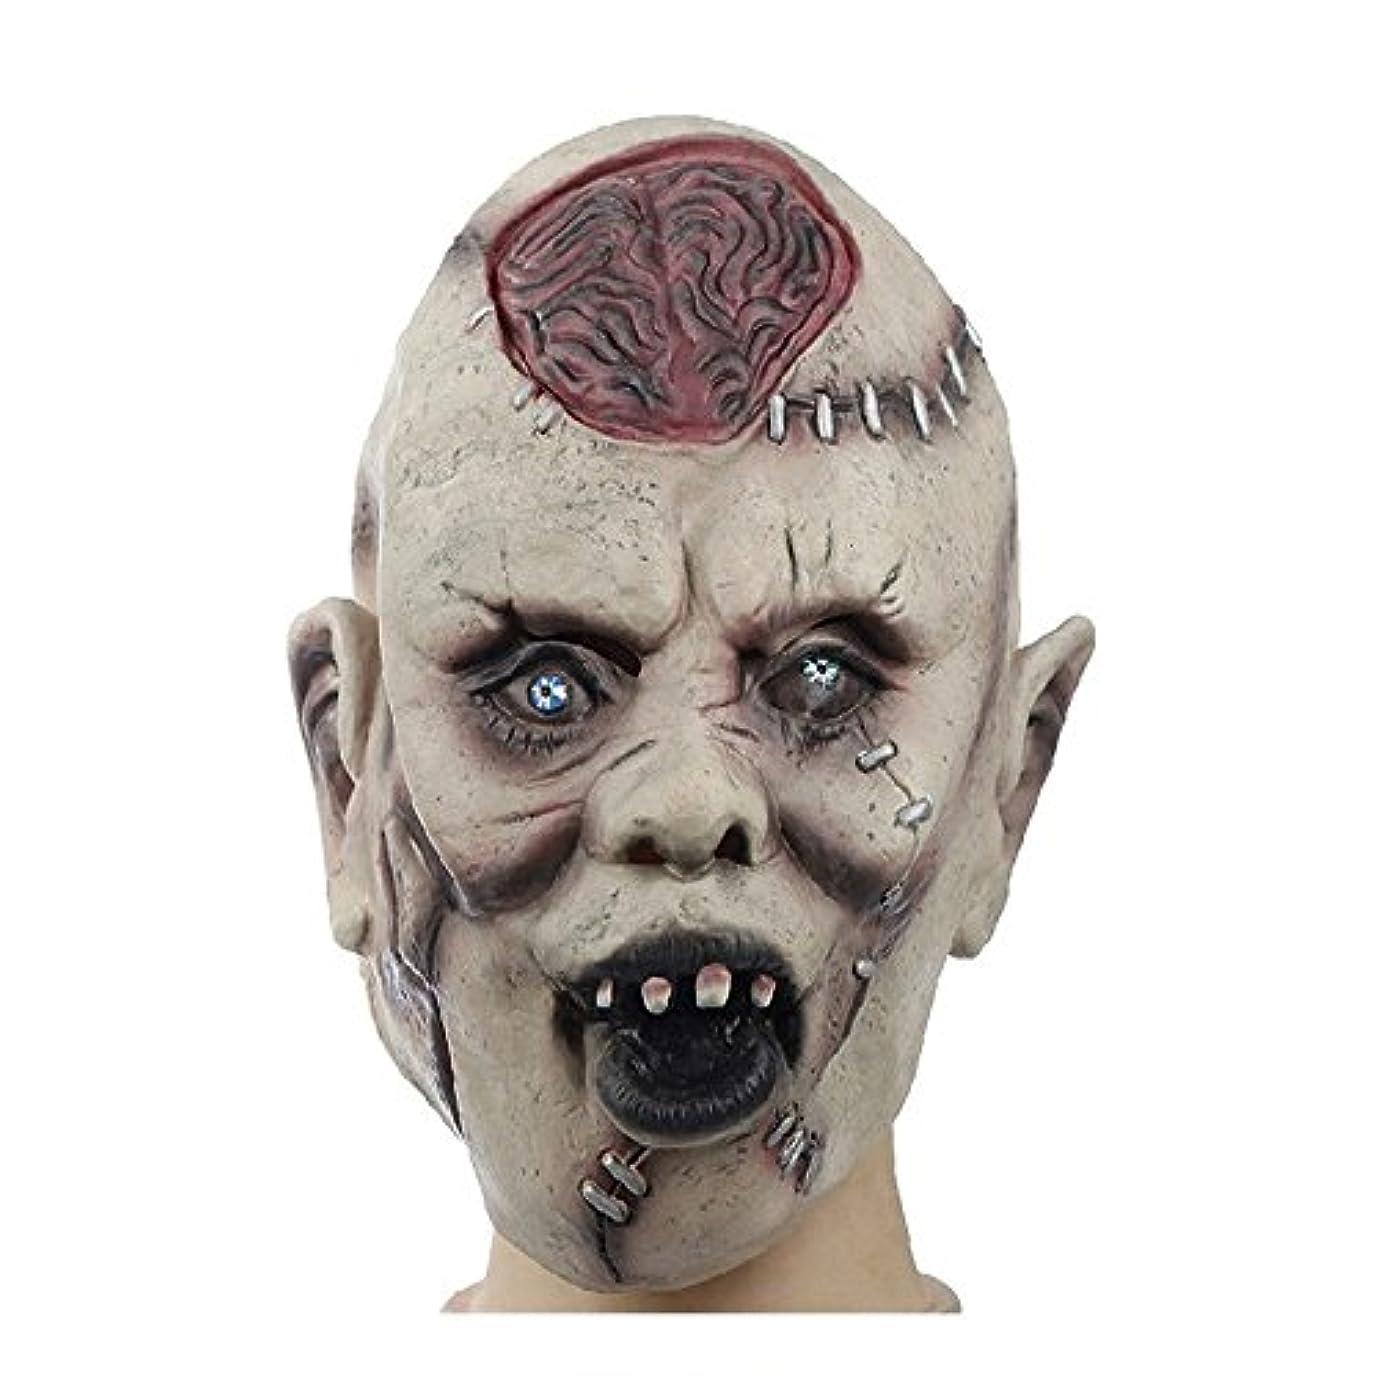 冷蔵庫コマンド学期ハロウィーンラテックスマスク、ホラーしかめっ面マスク、ラテックスヘッドギア、ブレインマスク